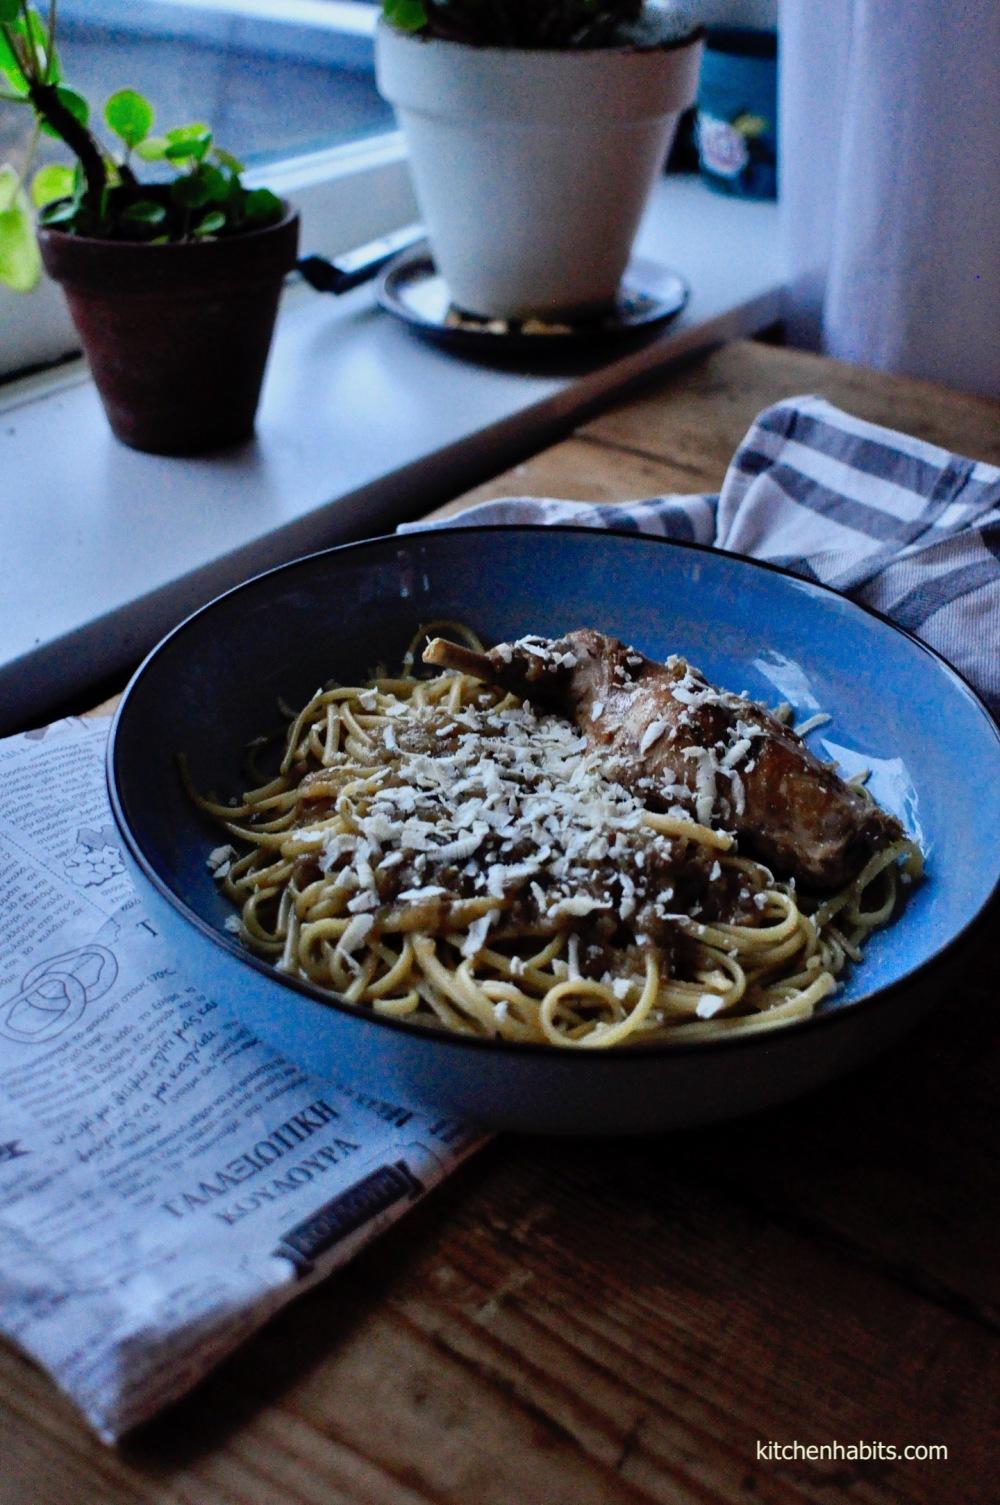 kouneli_pasta_kitchenhabitscom5